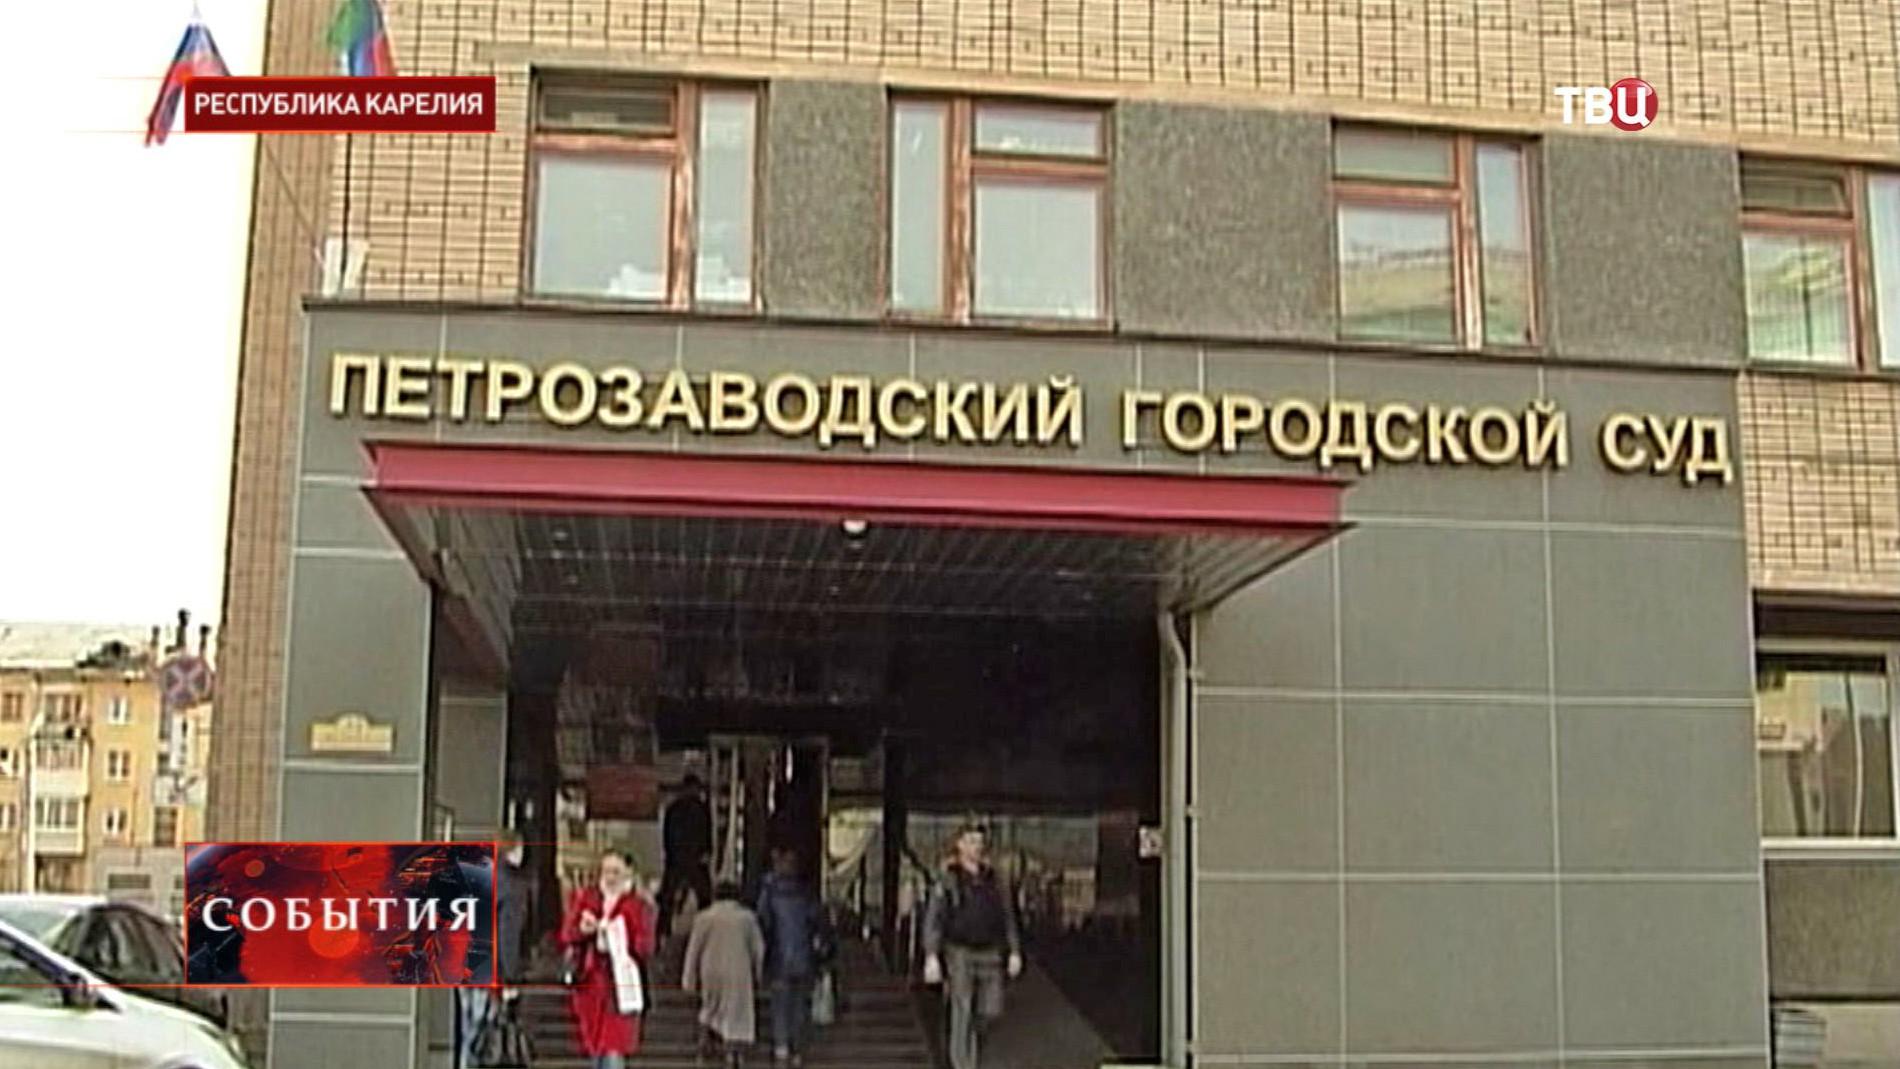 Петрозаводский городской суд